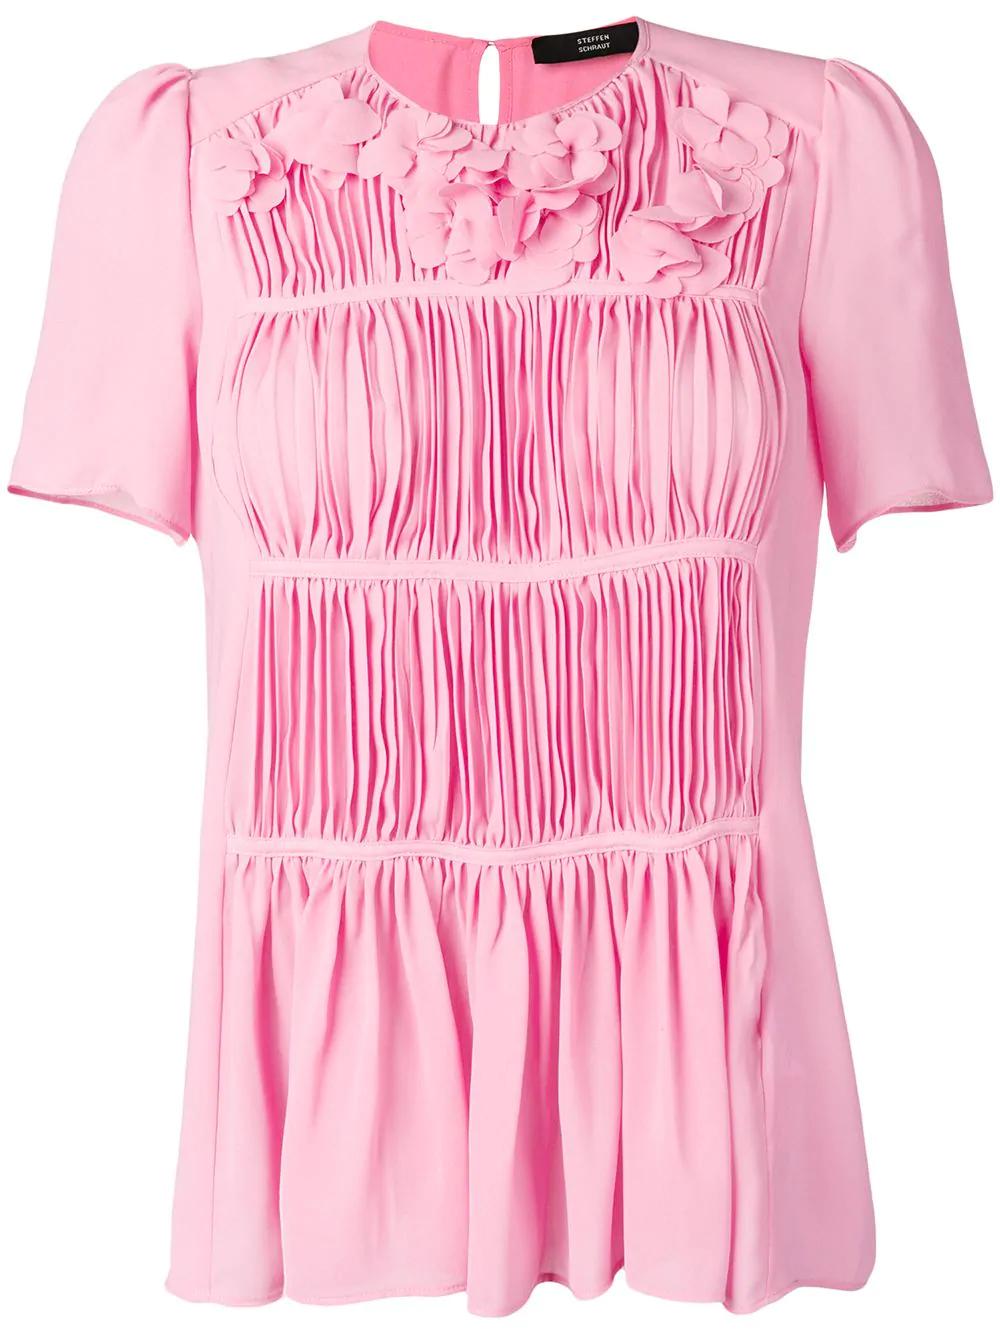 55728e538f53d Steffen Schraut Pleated Blouse - Pink